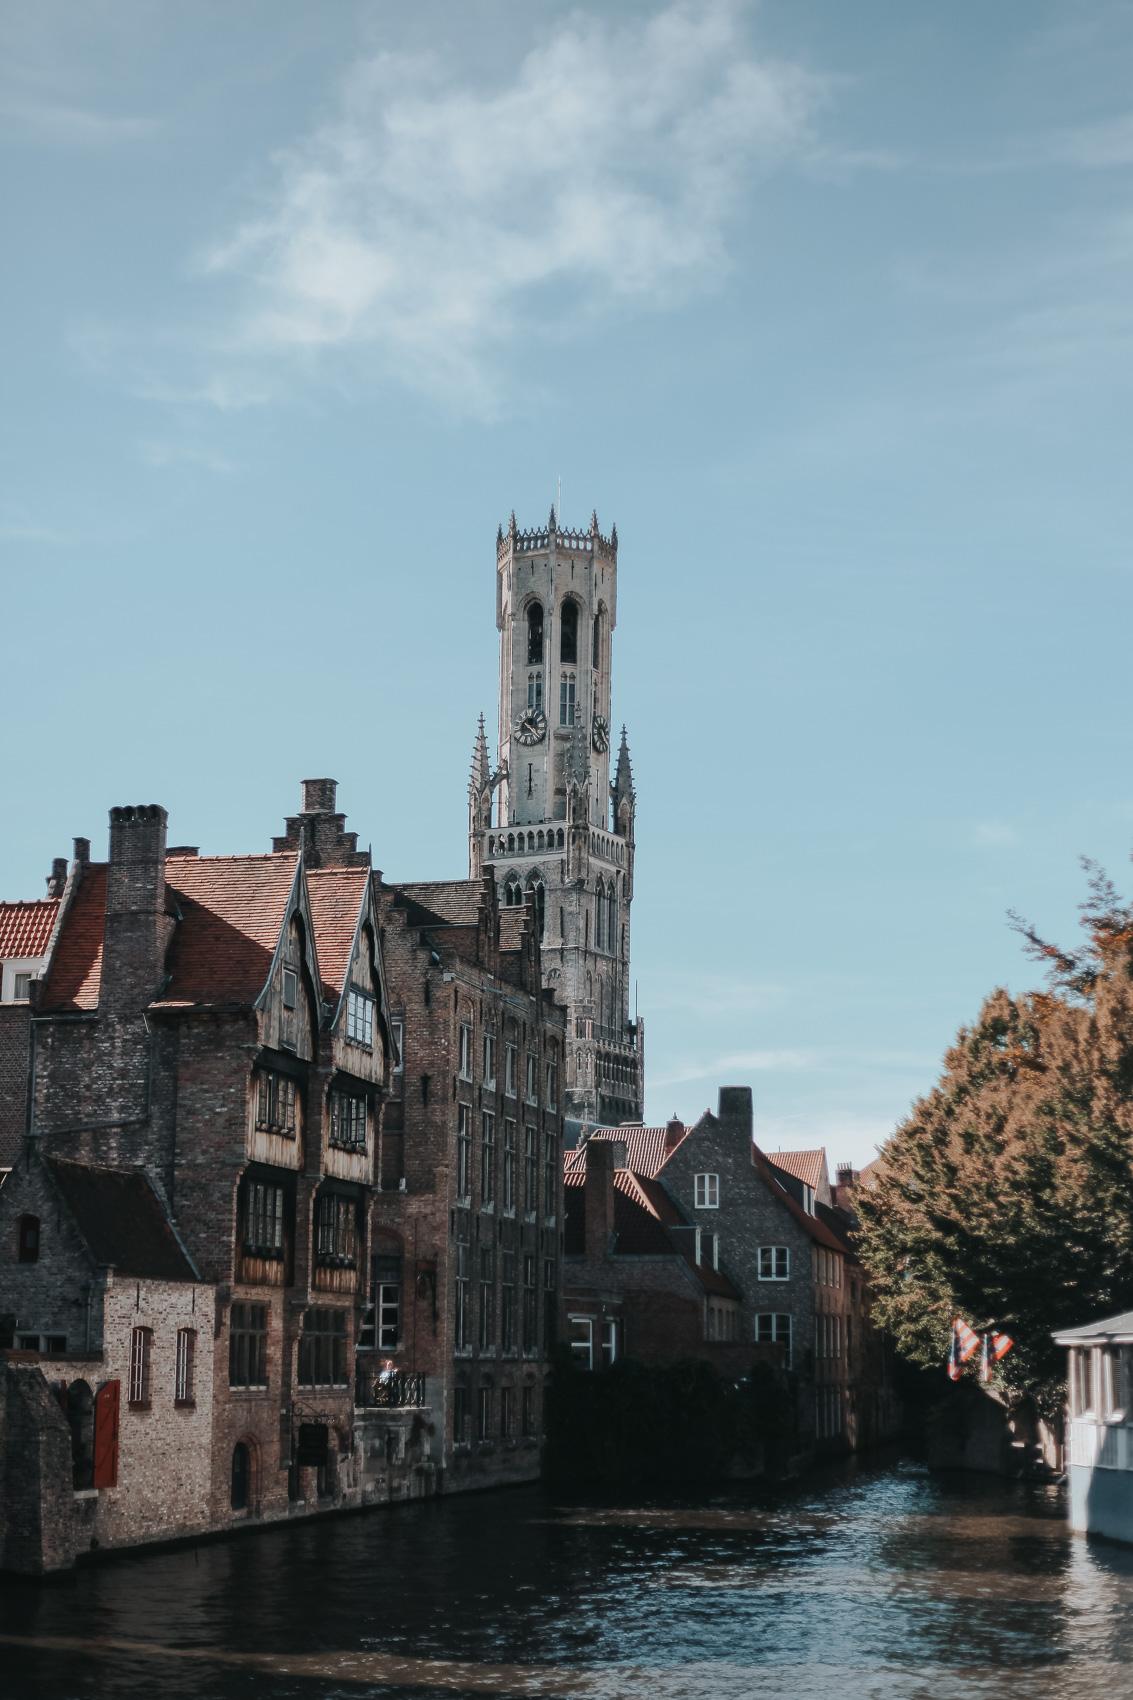 Canals of Bruges Belgium